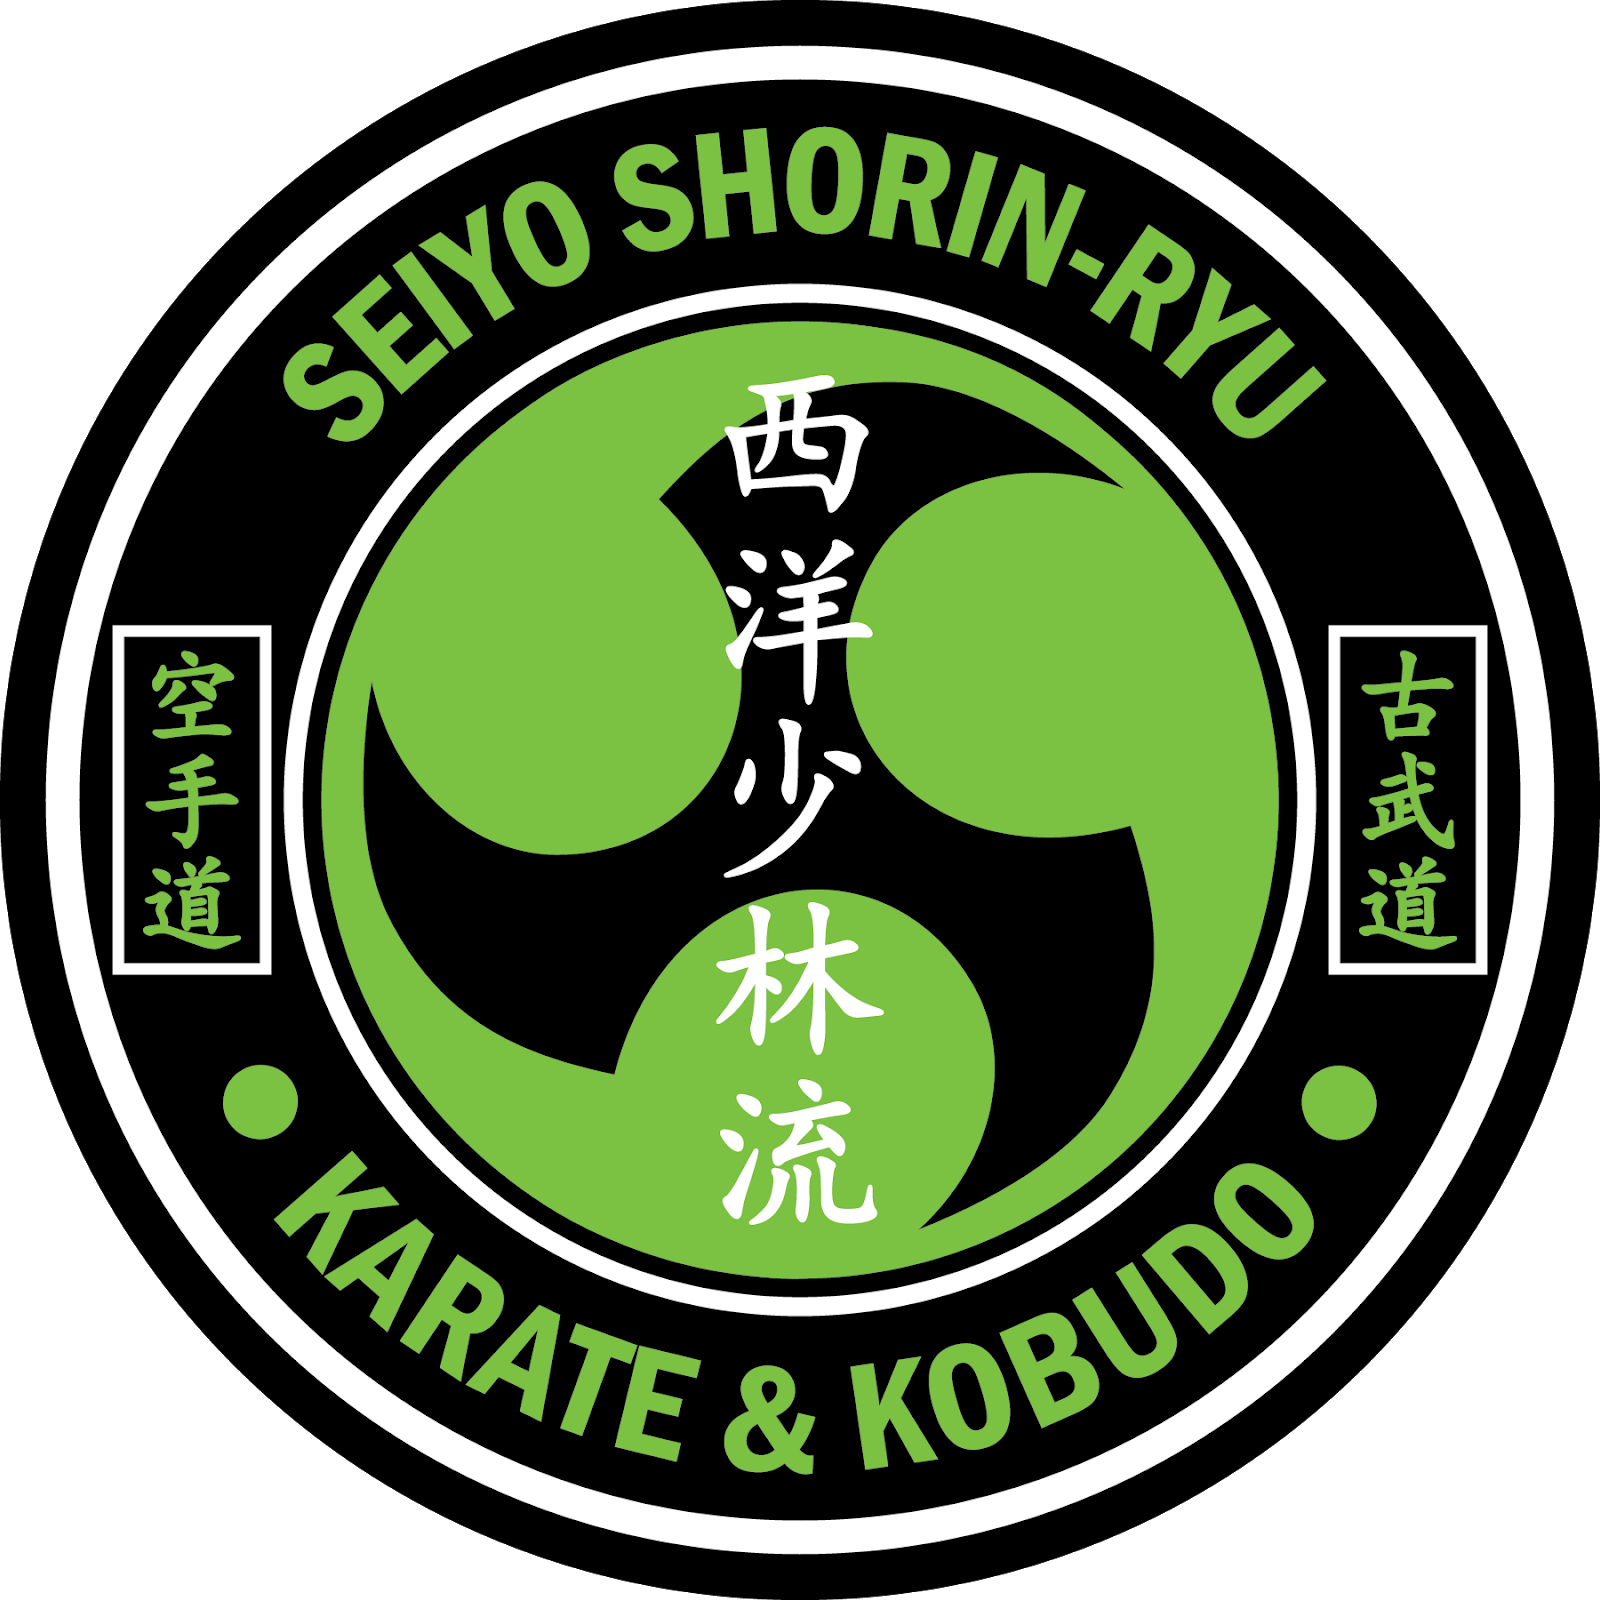 SHORIN-RYU KARATE